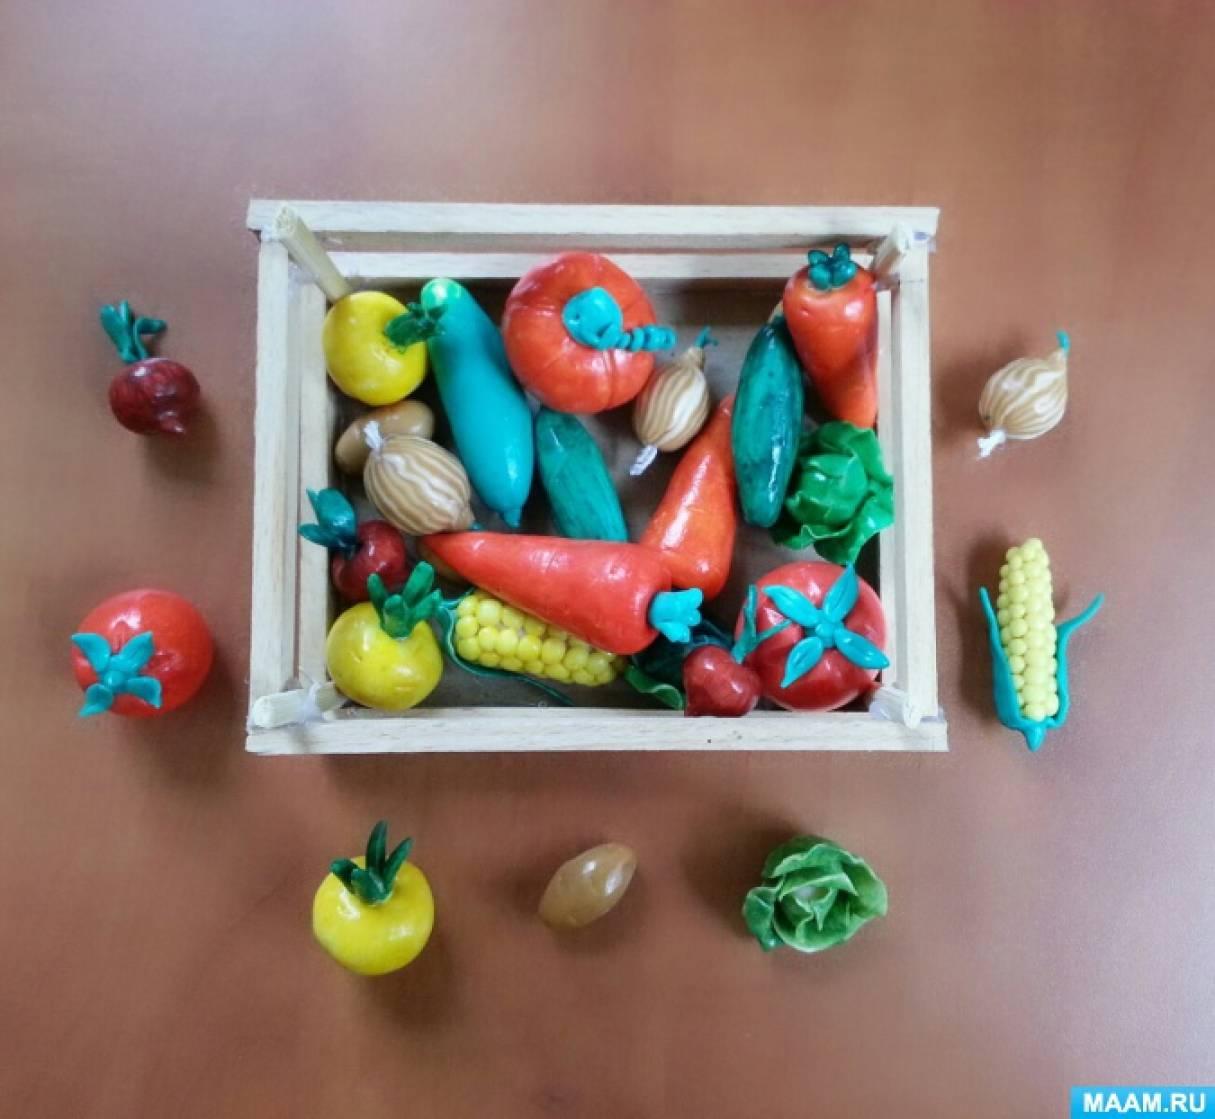 Поделка из полимерной глины «Ящик с овощами»